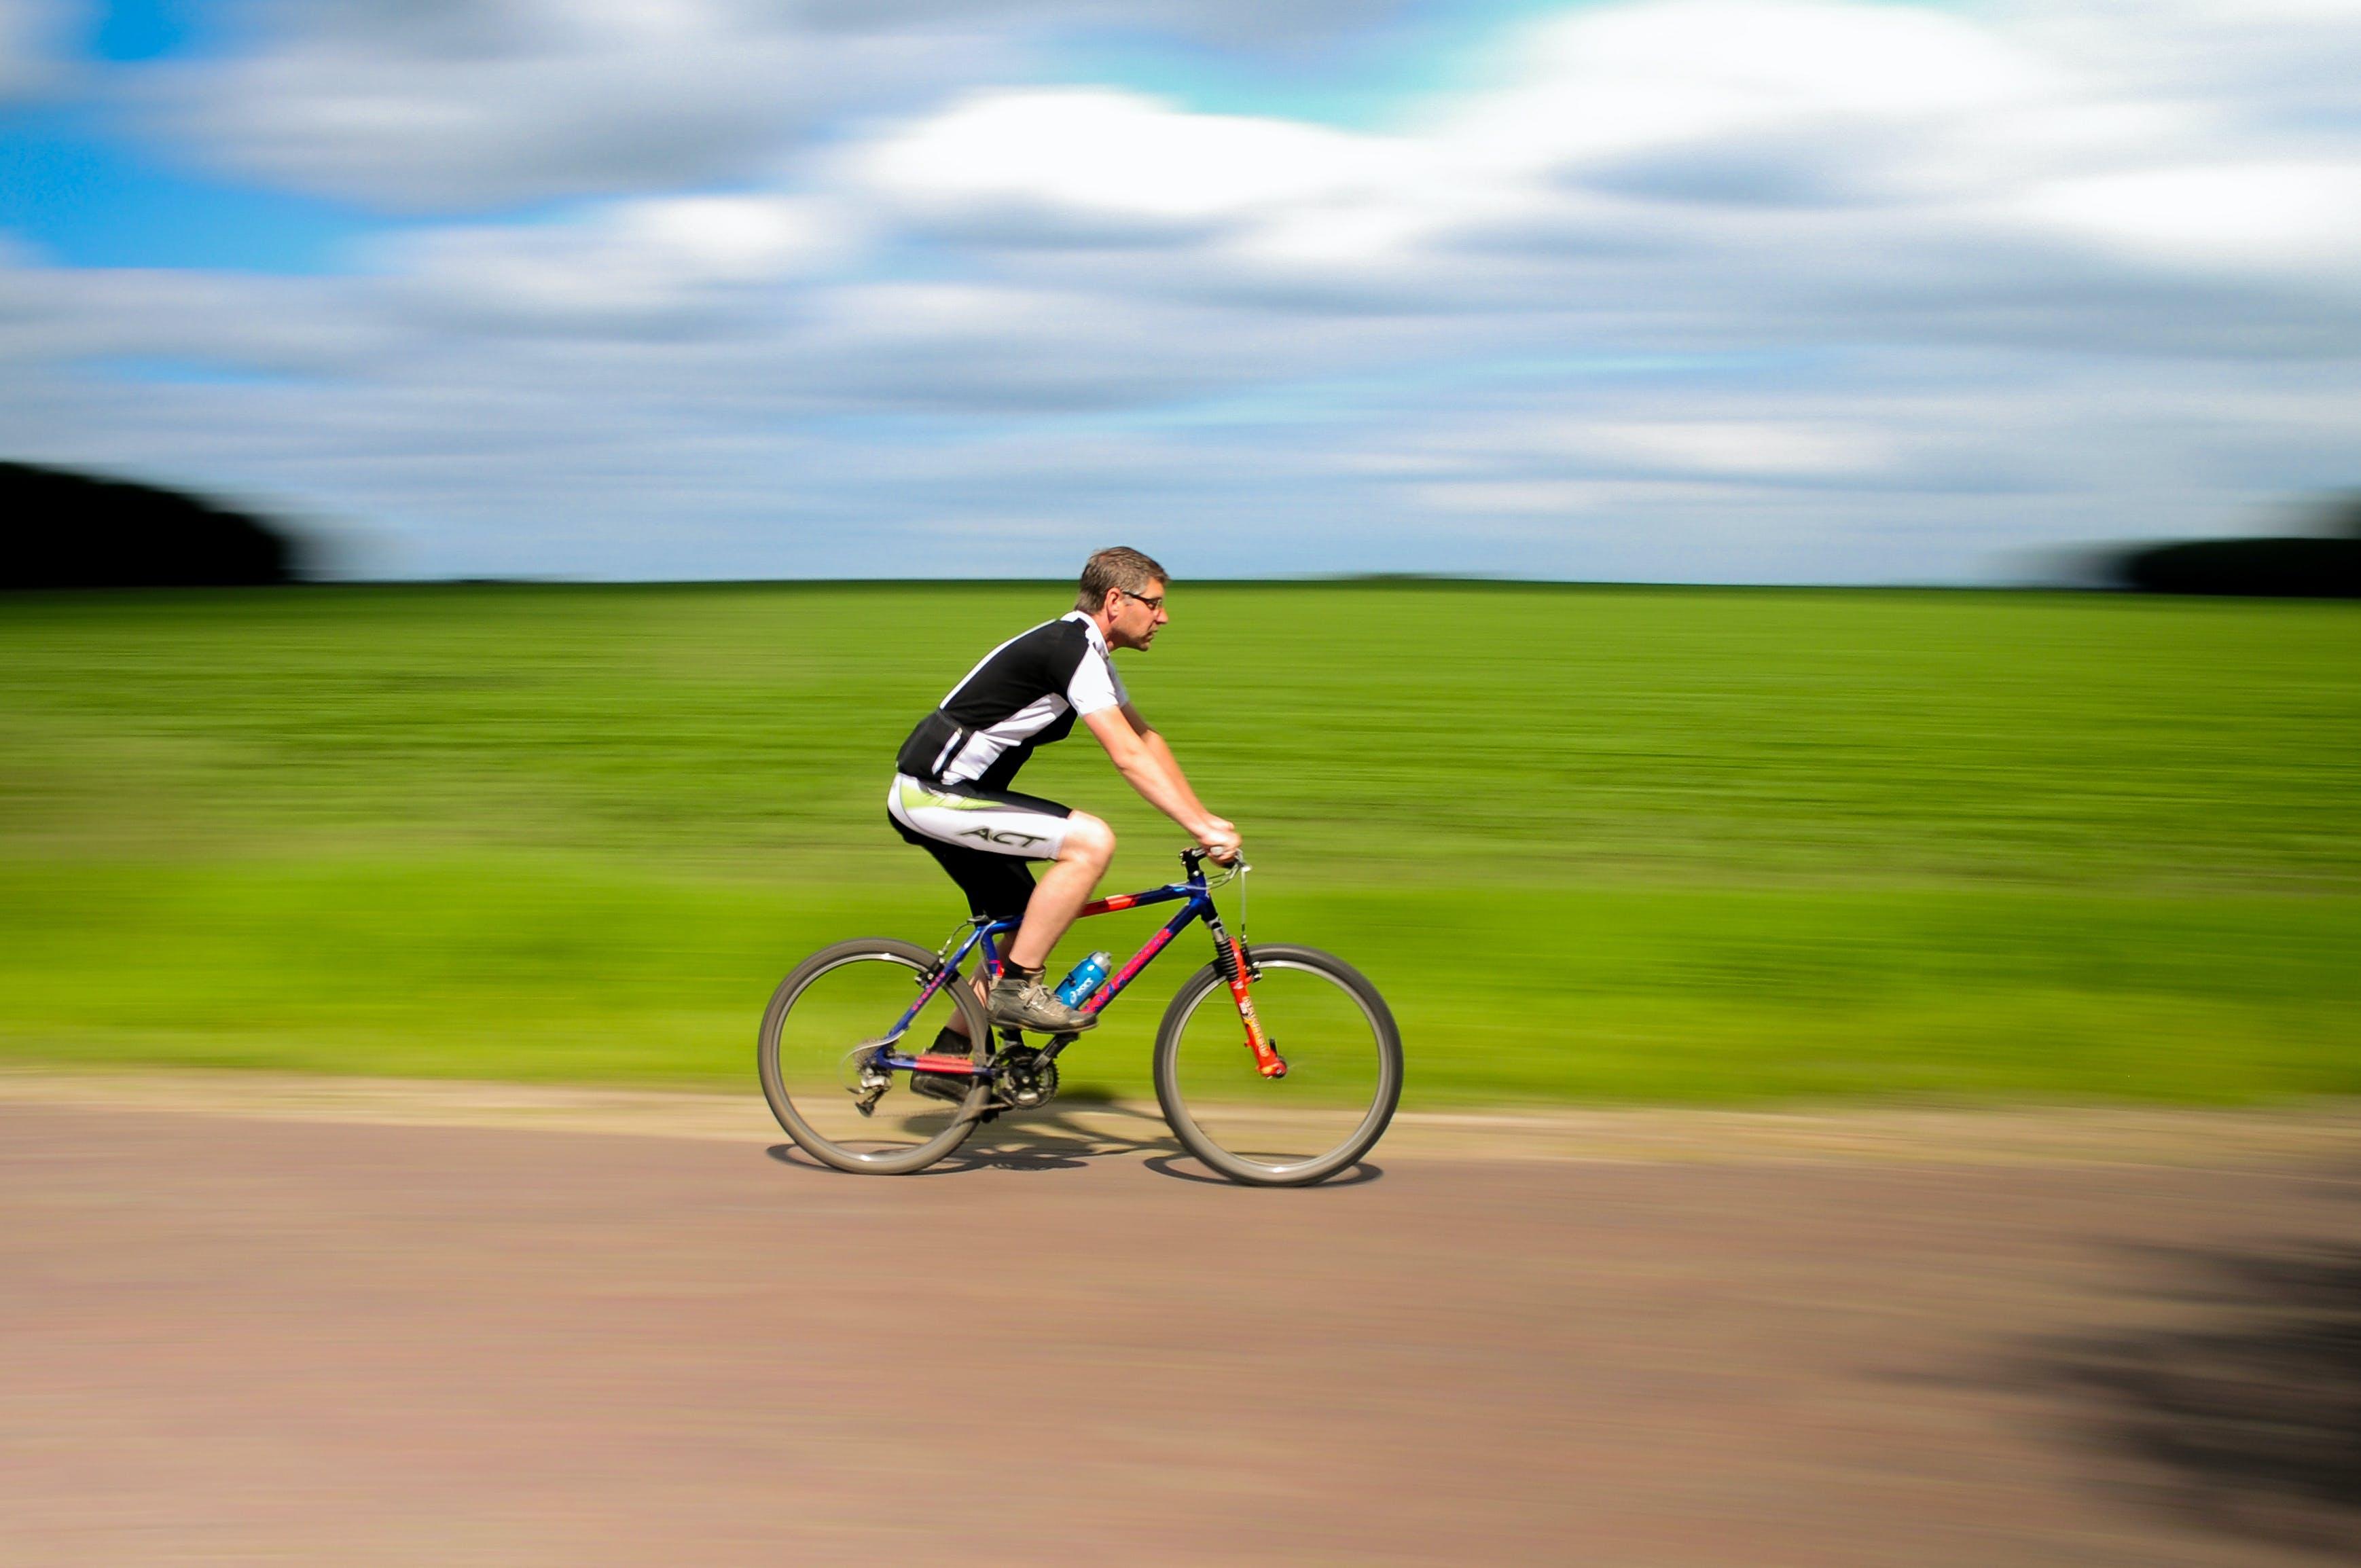 Man Biking on Road